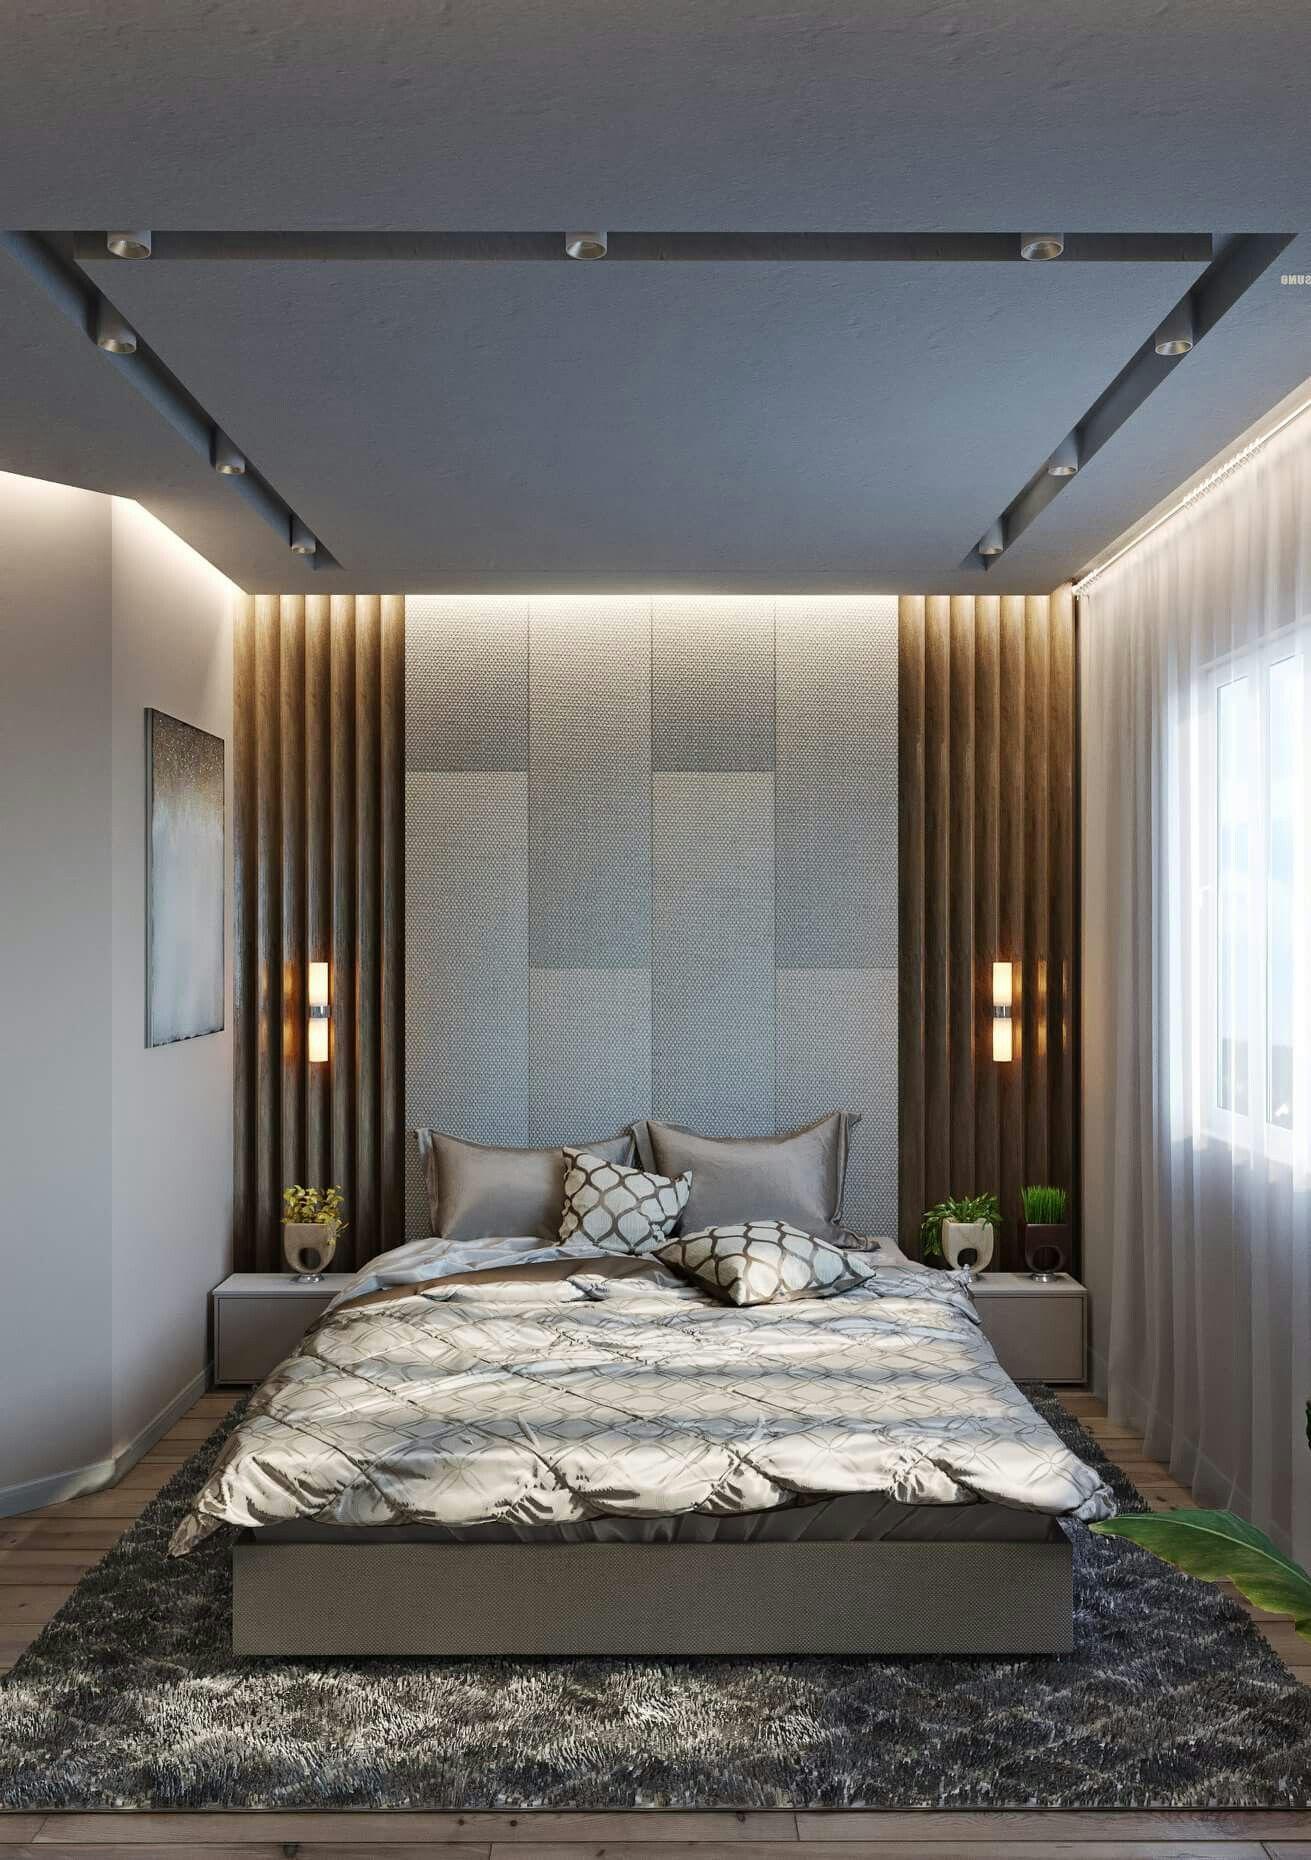 Innenarchitektur von schlafzimmermöbeln pin von michell  auf bedroom in   pinterest  recamara